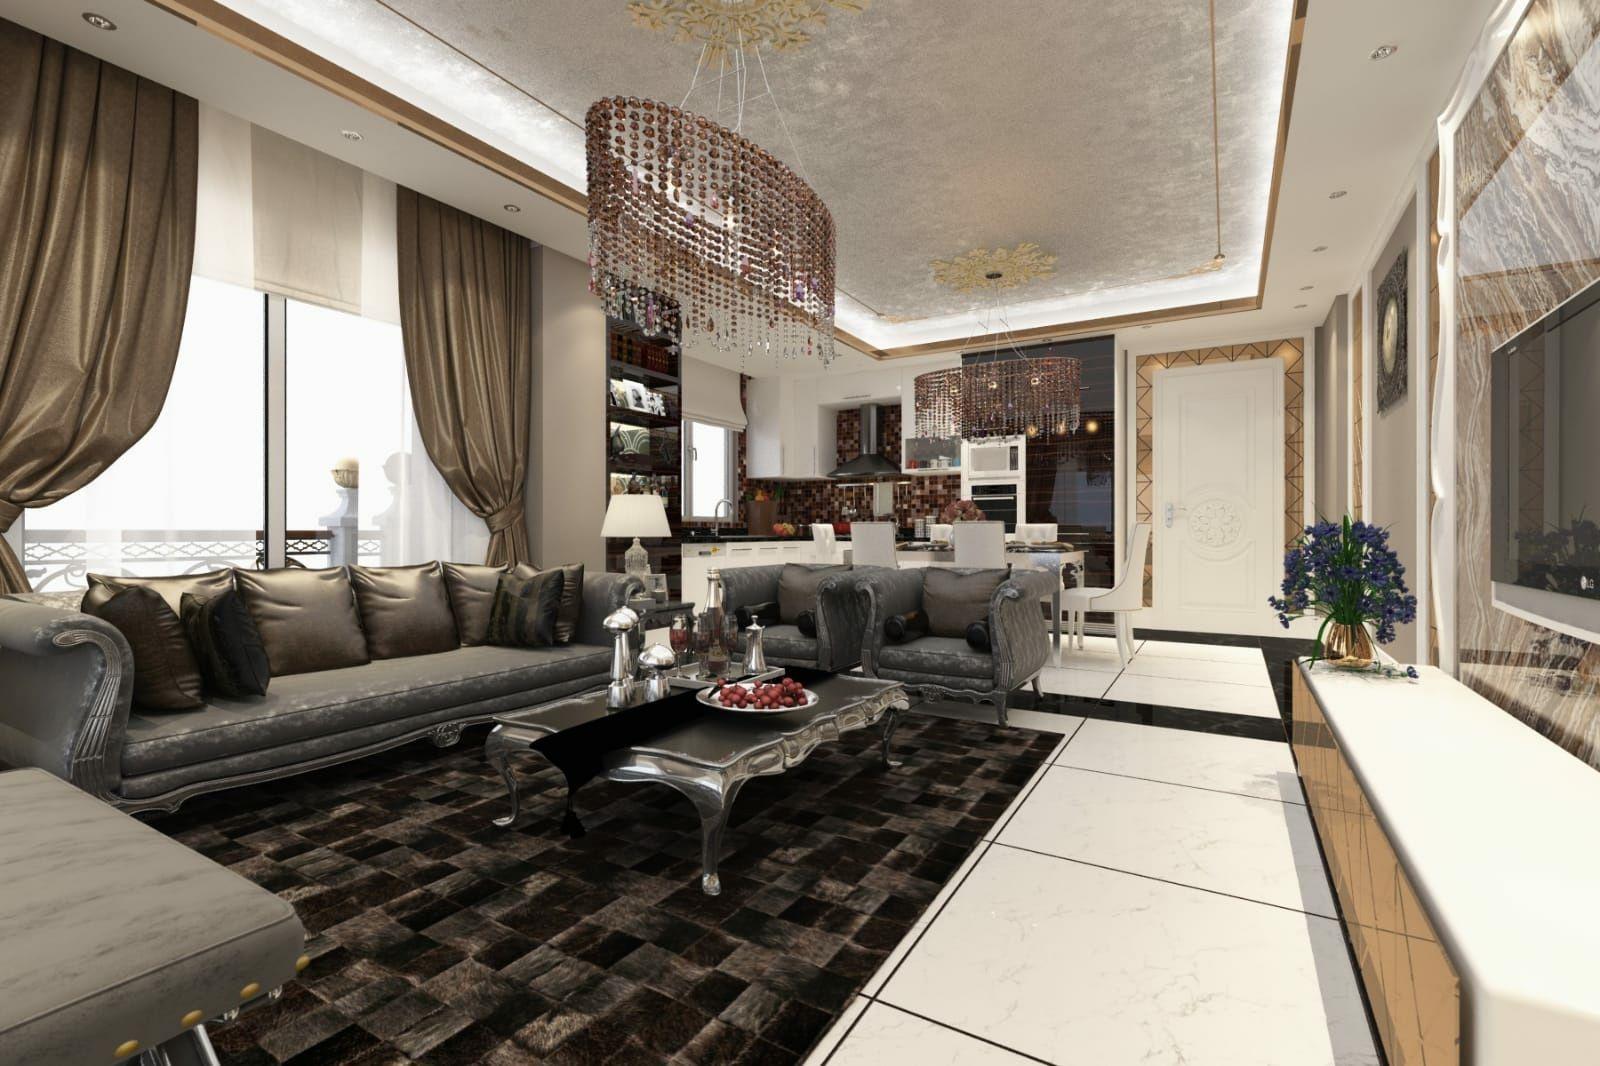 Продам элитную квартиру 2+1 от застройщика в Алании